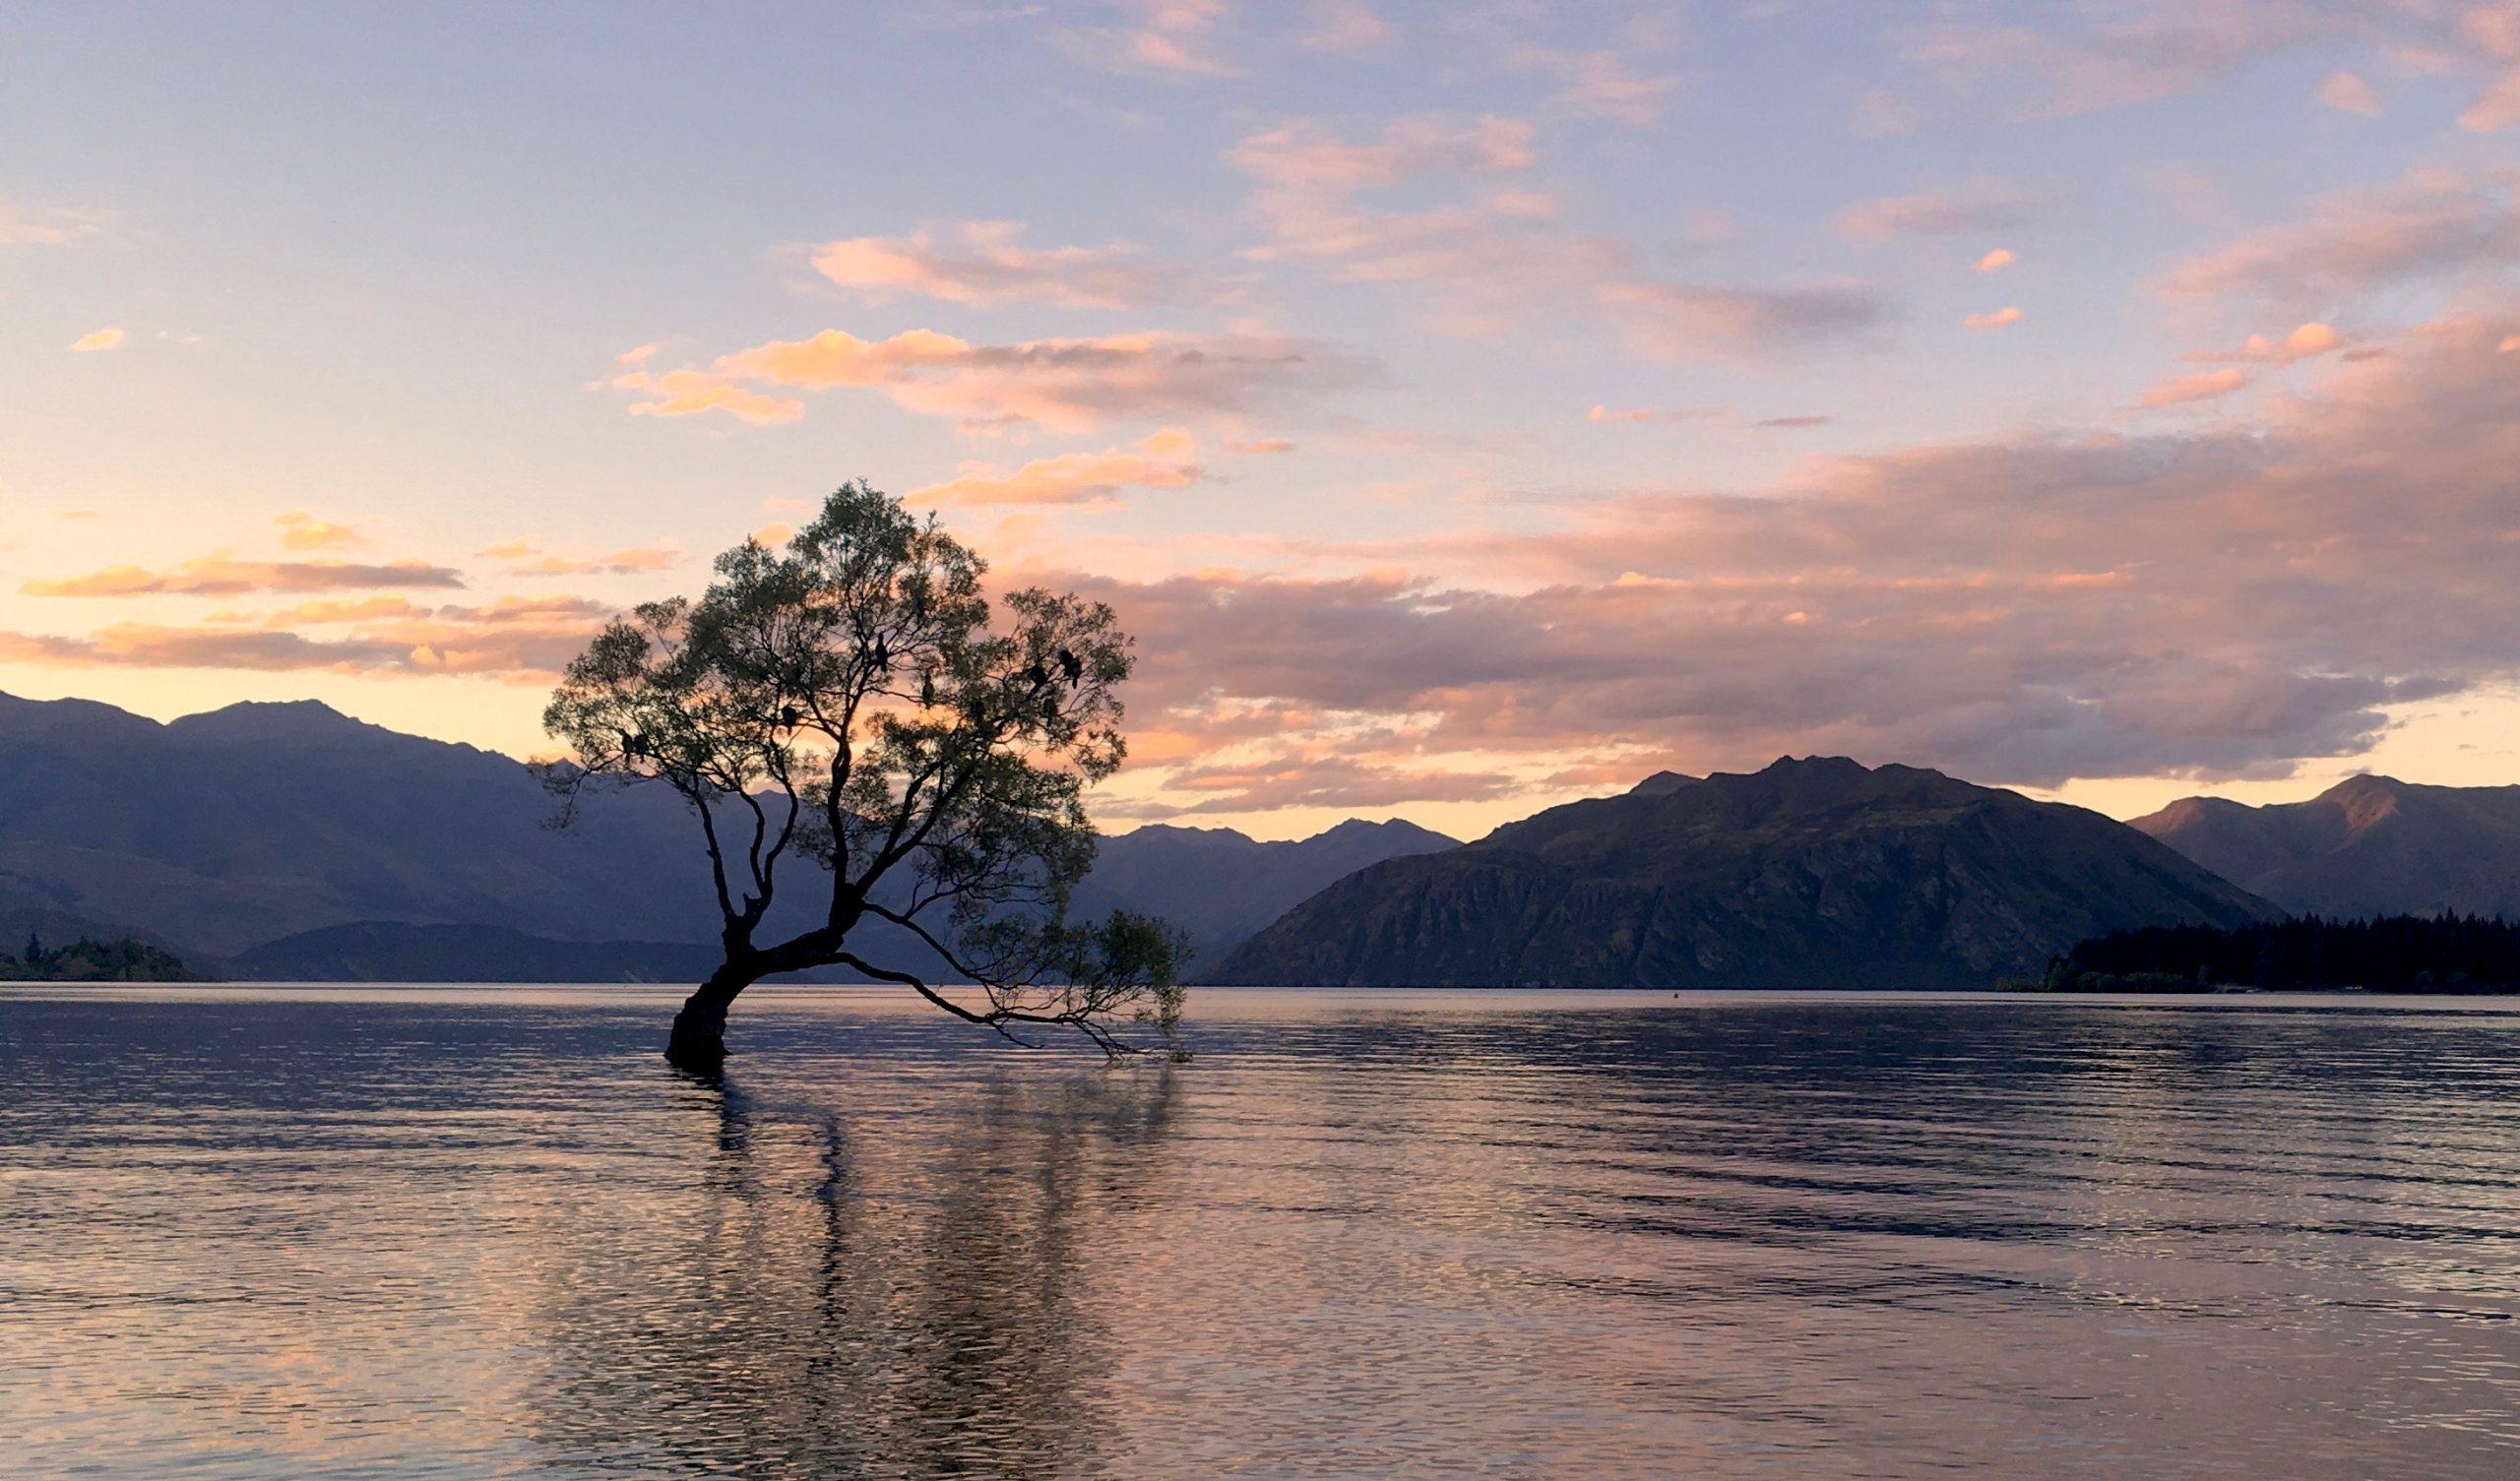 That Wanaka Tree - Things to do in Wanaka